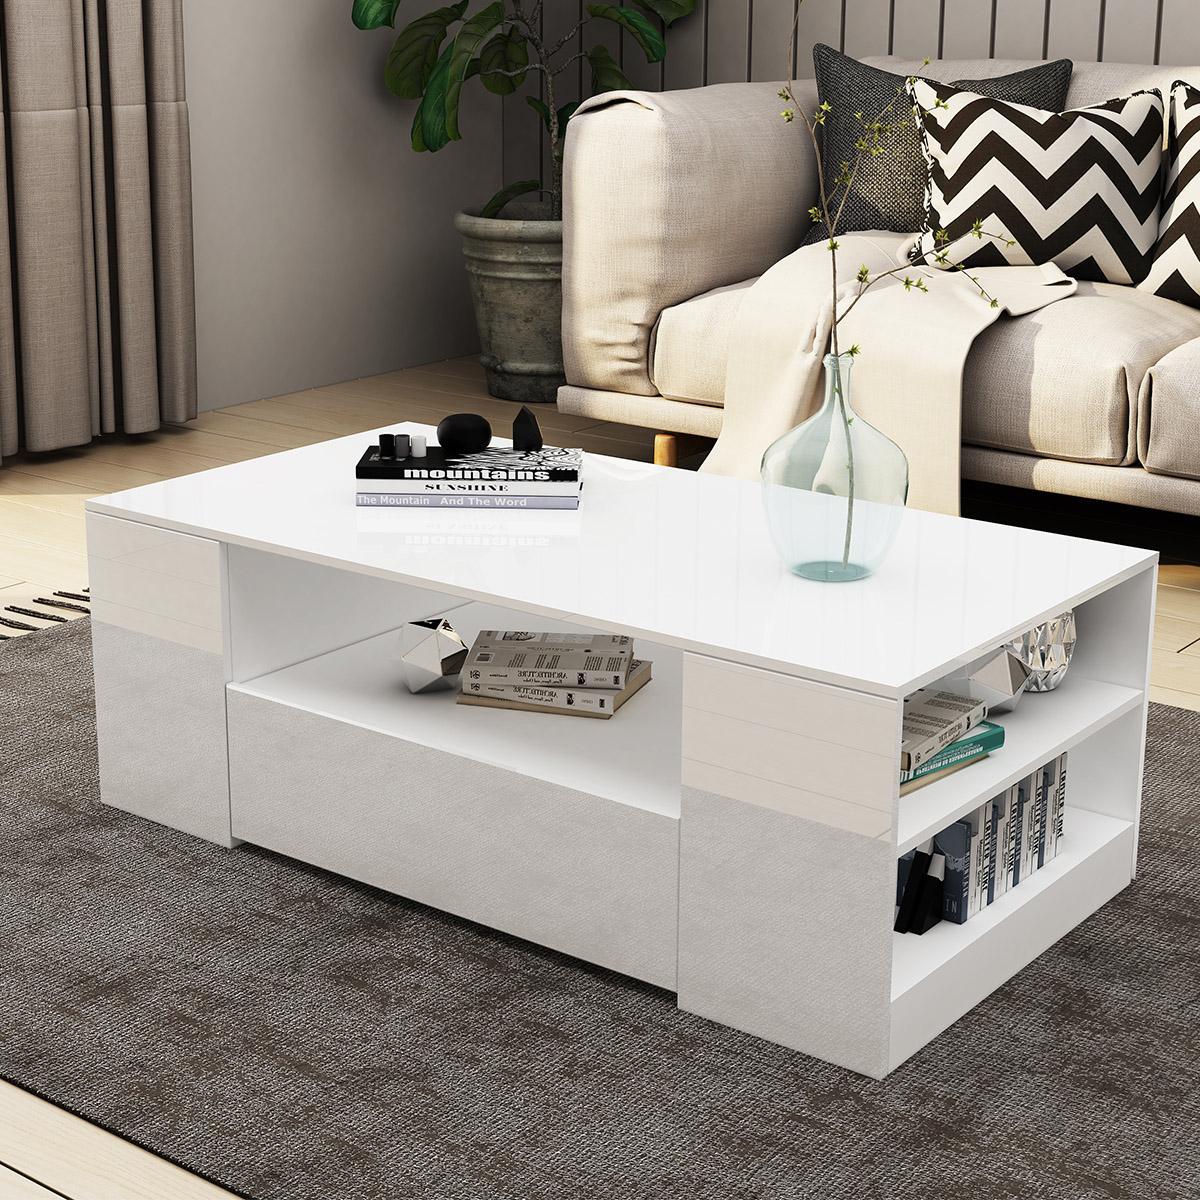 New 2 Drawer Coffee Table Storage Shelf High Gloss White Matt Blatt